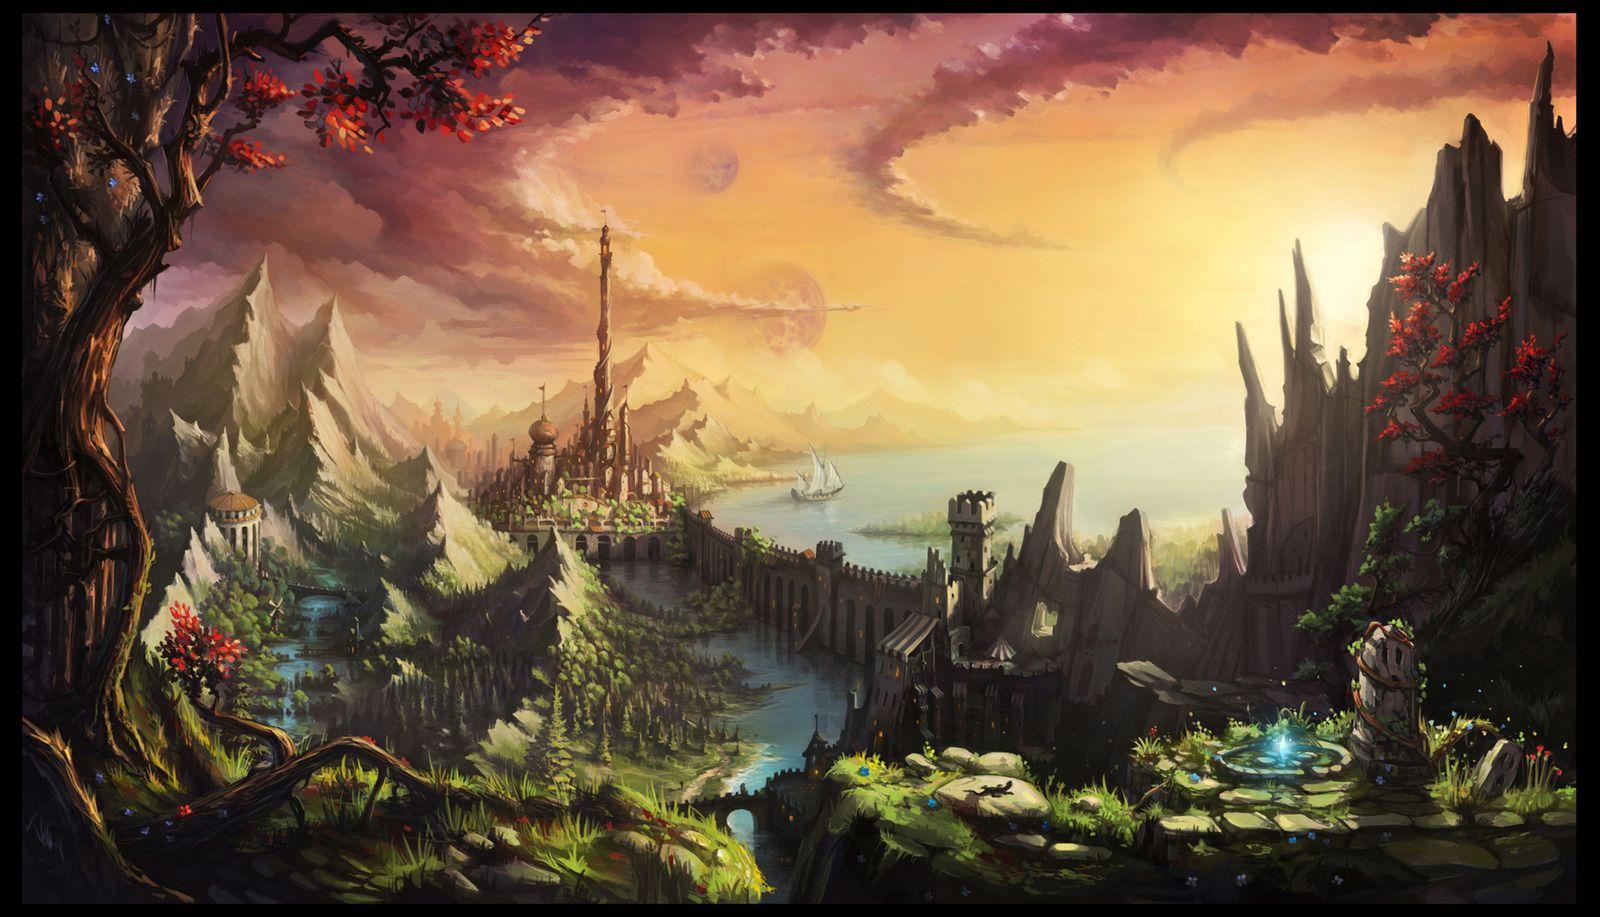 Fantasy landscape art google search fantasy landscape for Find a landscaper